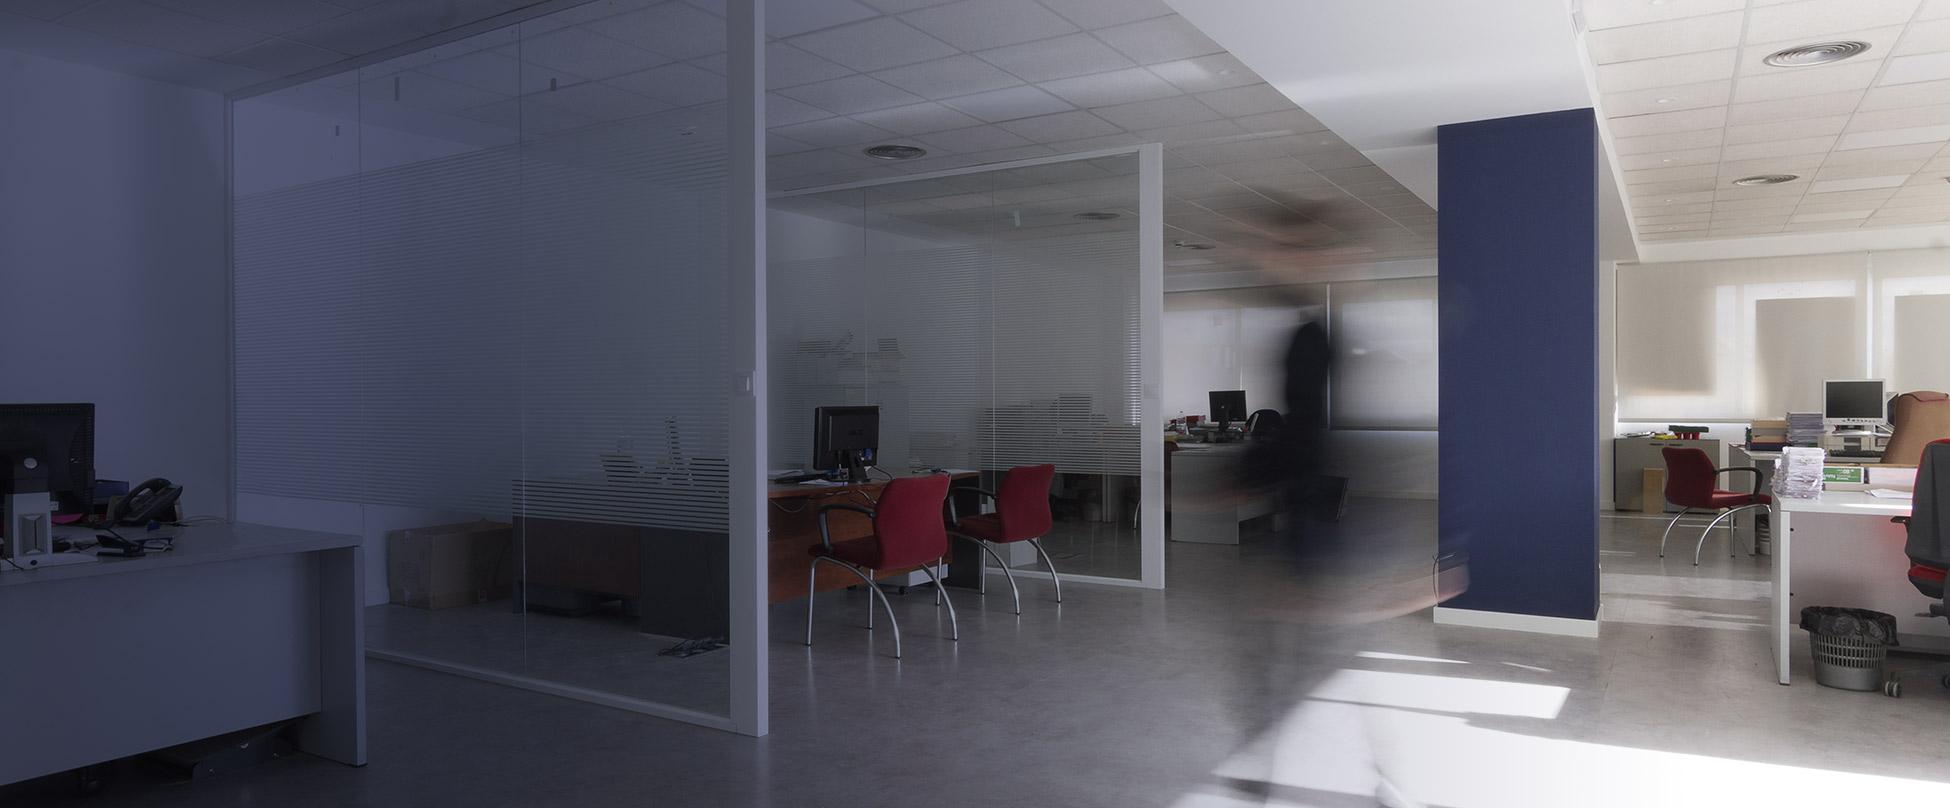 Constructora interiorismo valencia boyaca header elo - Interiorismo valencia ...